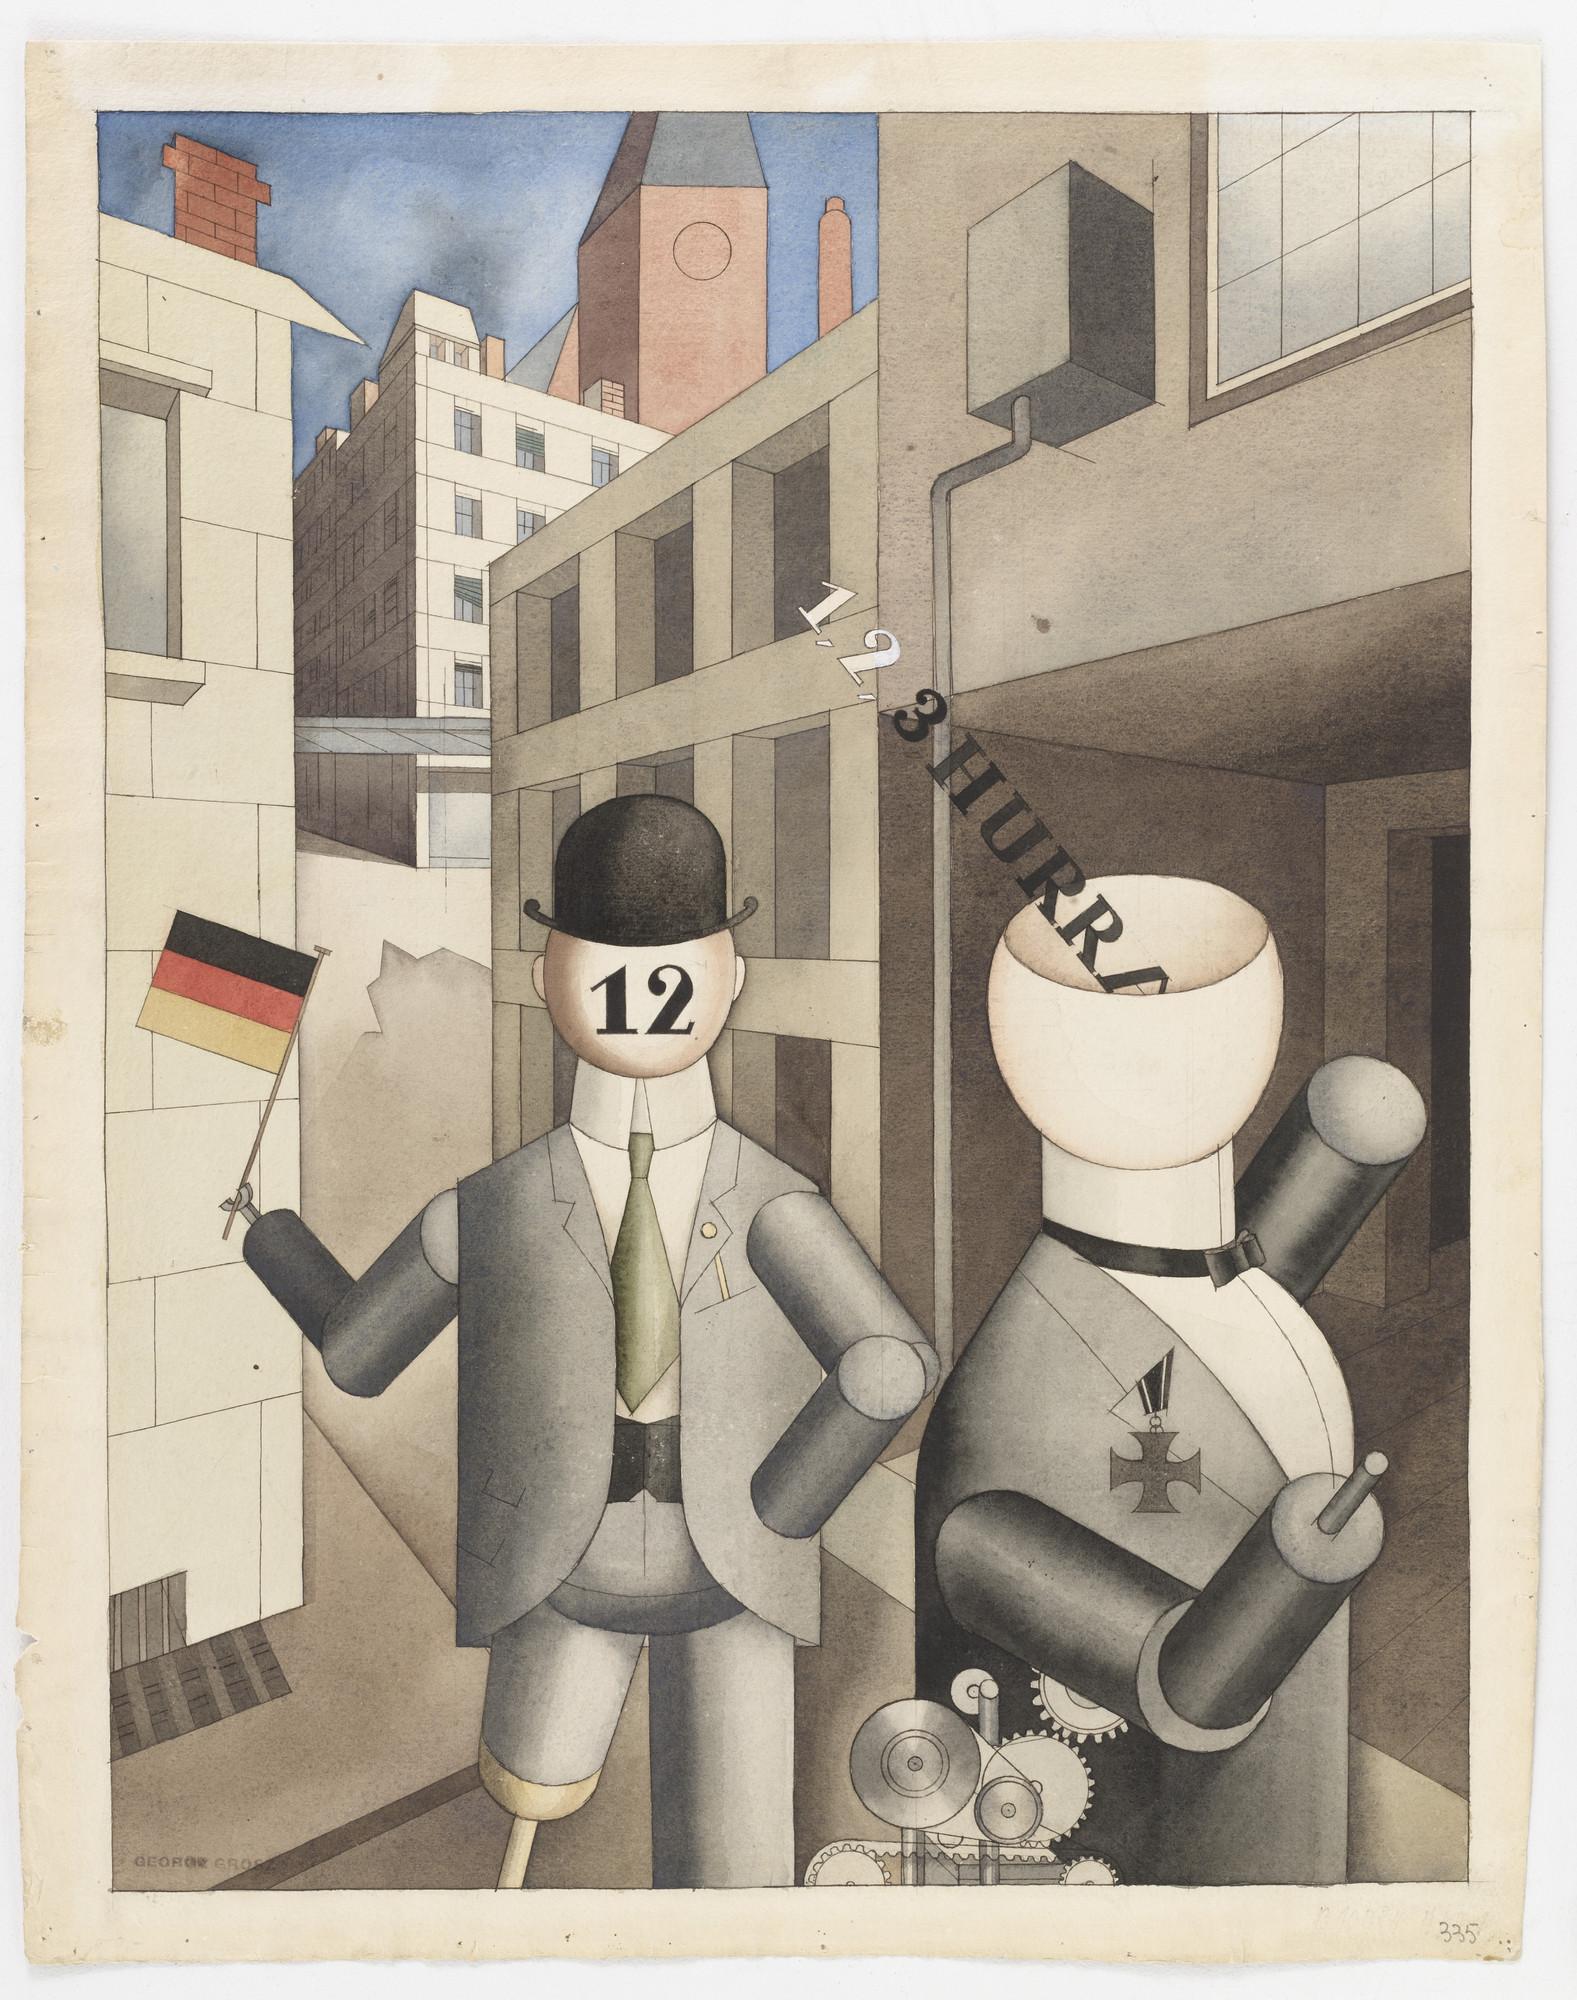 https://upload.wikimedia.org/wikipedia/en/3/38/Republican_Automatons_George_Grosz_1920.jpg